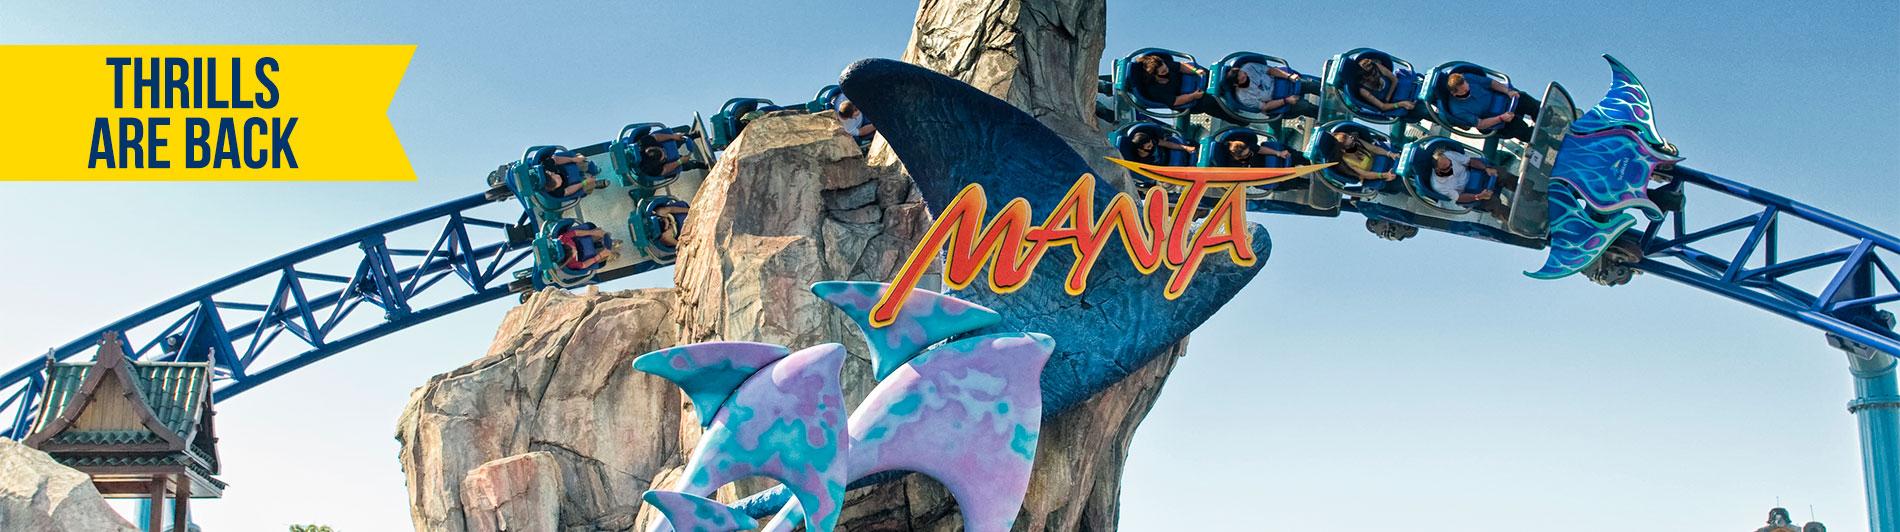 Manta at SeaWorld San Diego